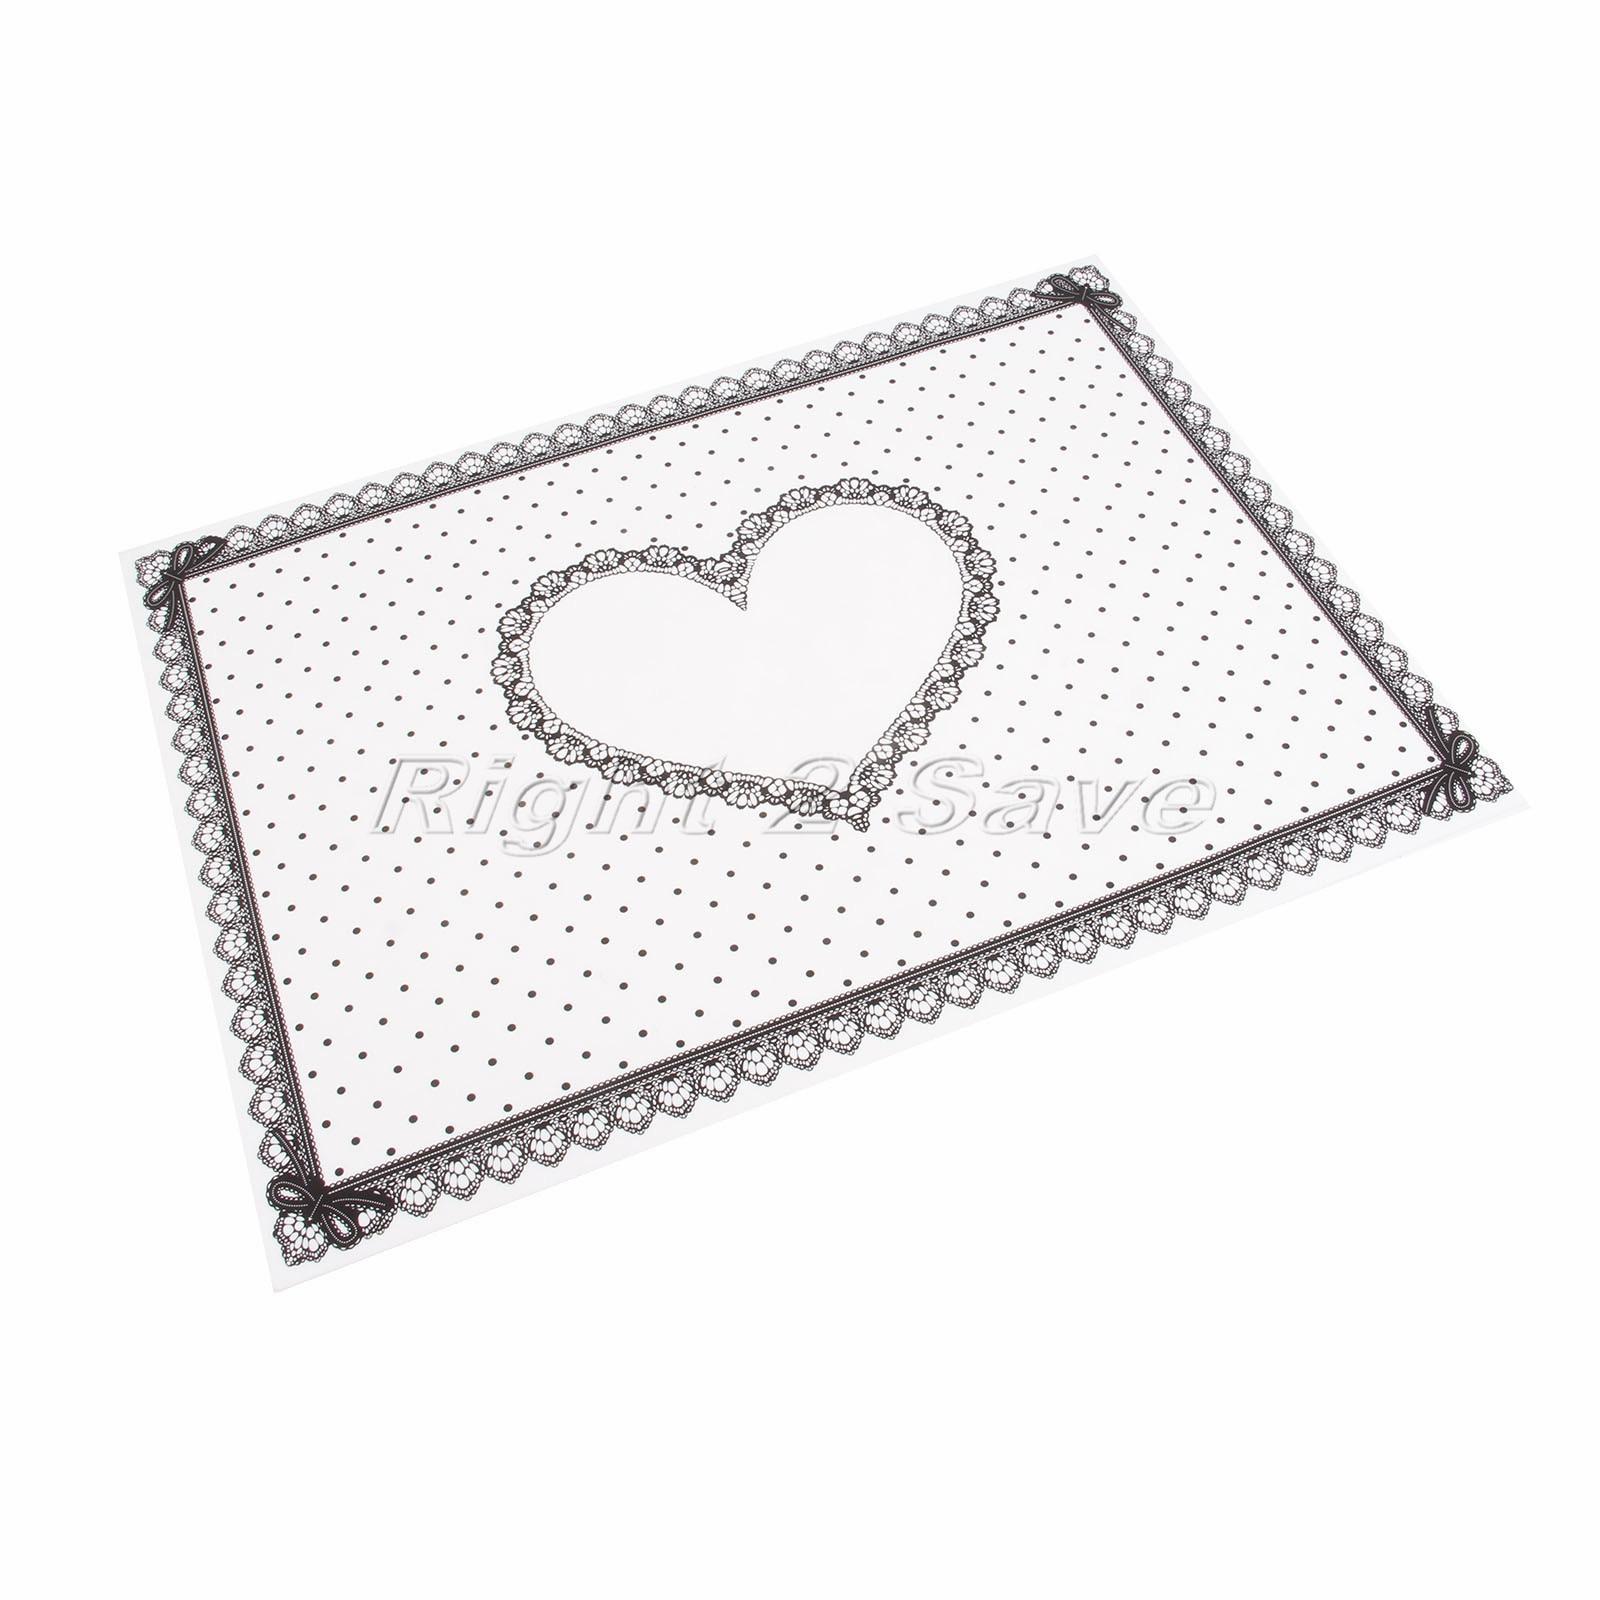 Nail Art Silikon Tischset 40x30 Cm Weiß/schwarz/rosa/rose Rot/lila Professionelle Salon Maniküre Ausrüstung Gute QualitäT Handauflagen Schönheit & Gesundheit